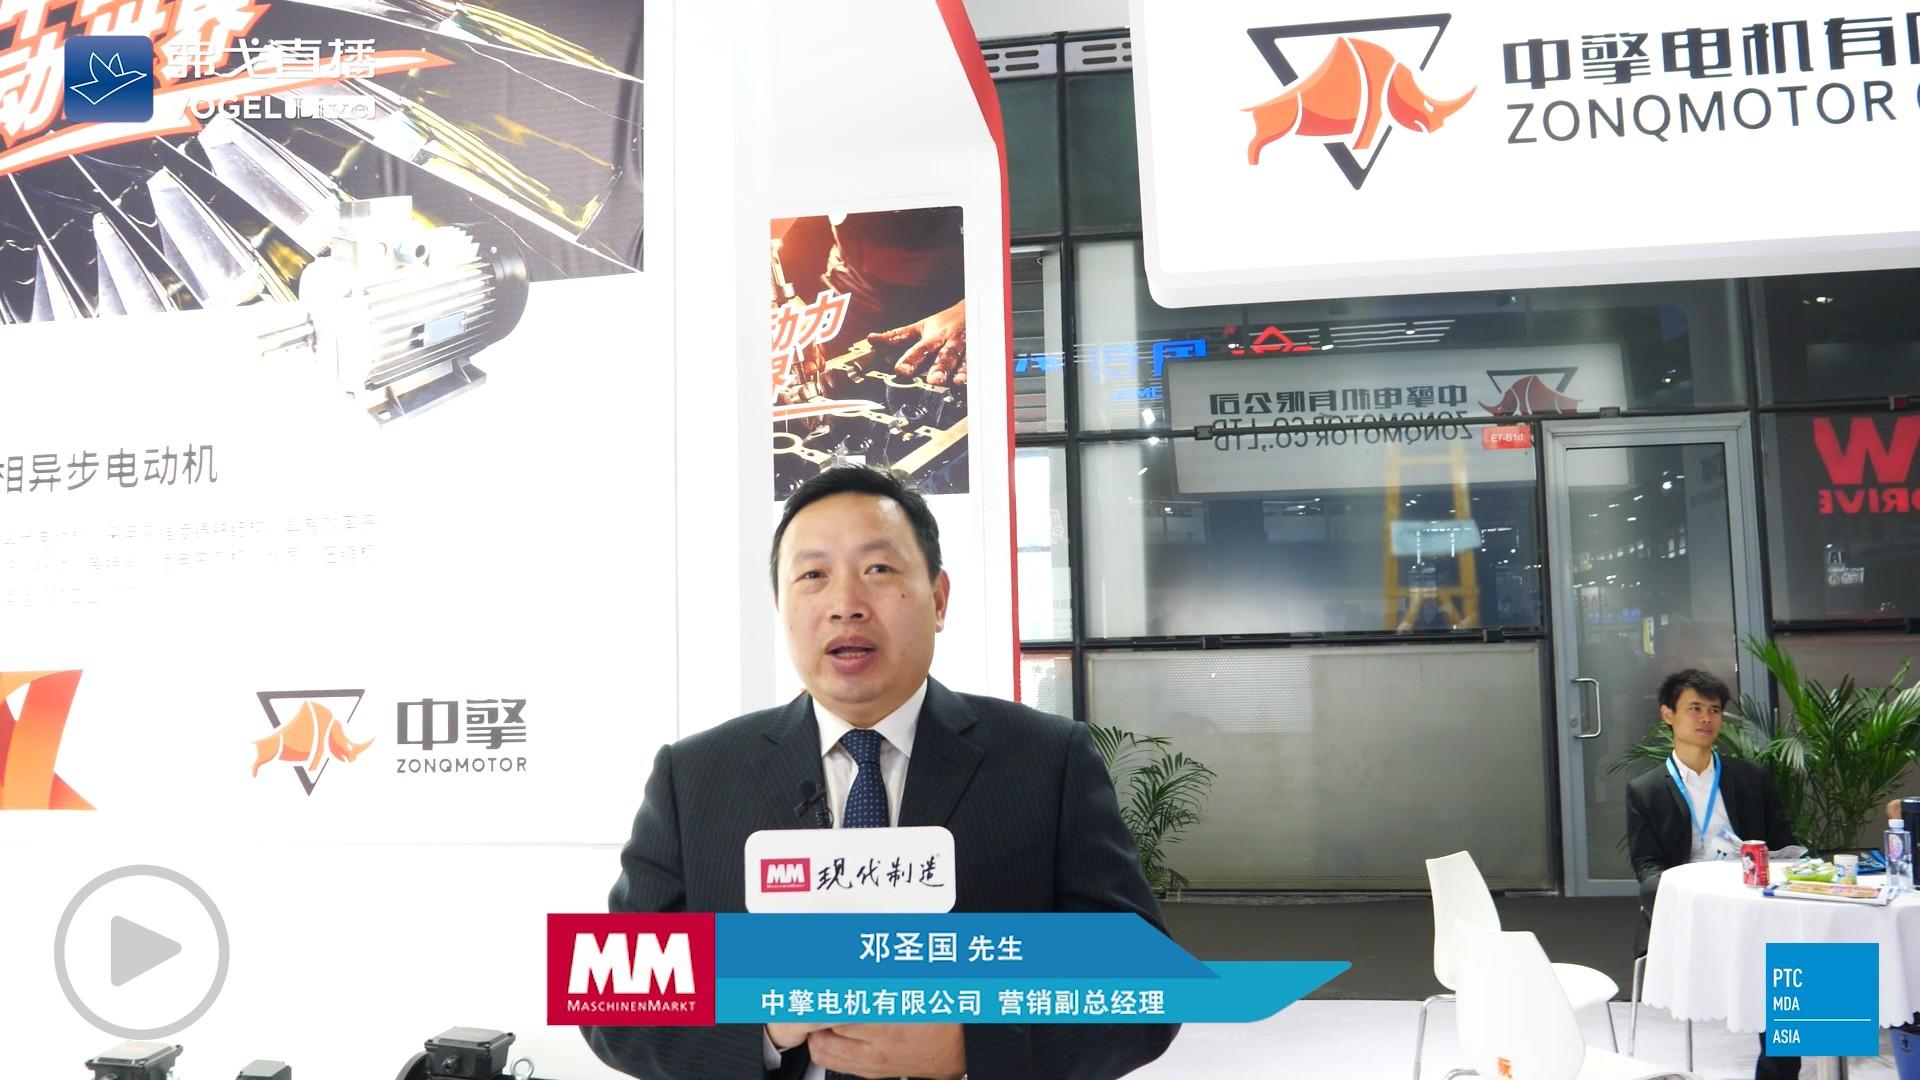 中擎电机有限公司 营销副总经理 - 邓圣国 先生